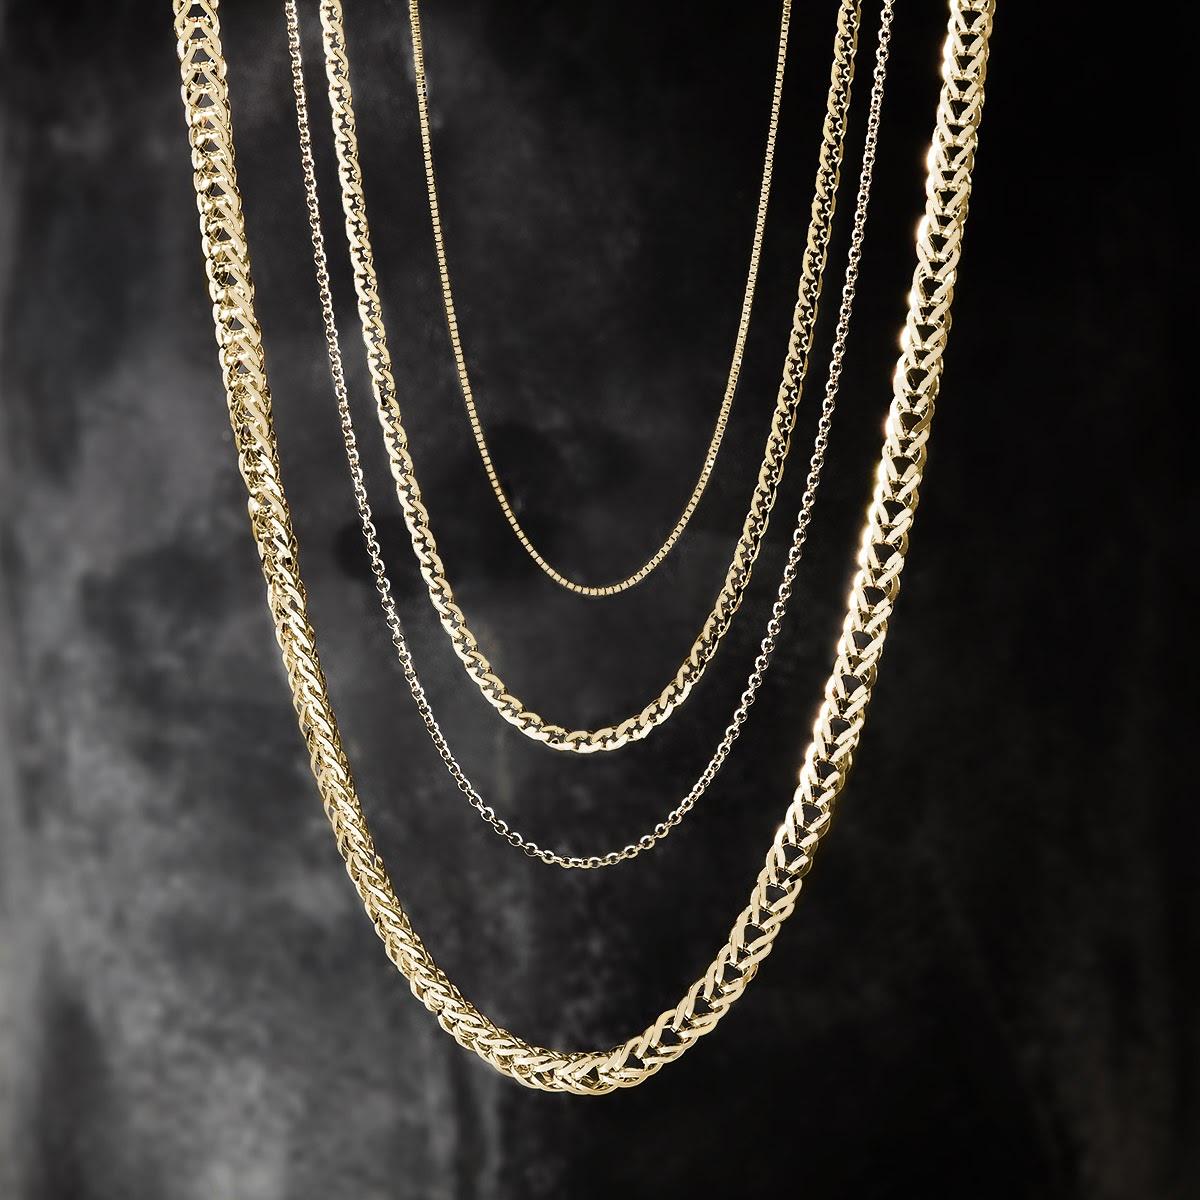 Zlaté retiazky s príveskami ako základ šperkovnice a ako na ne